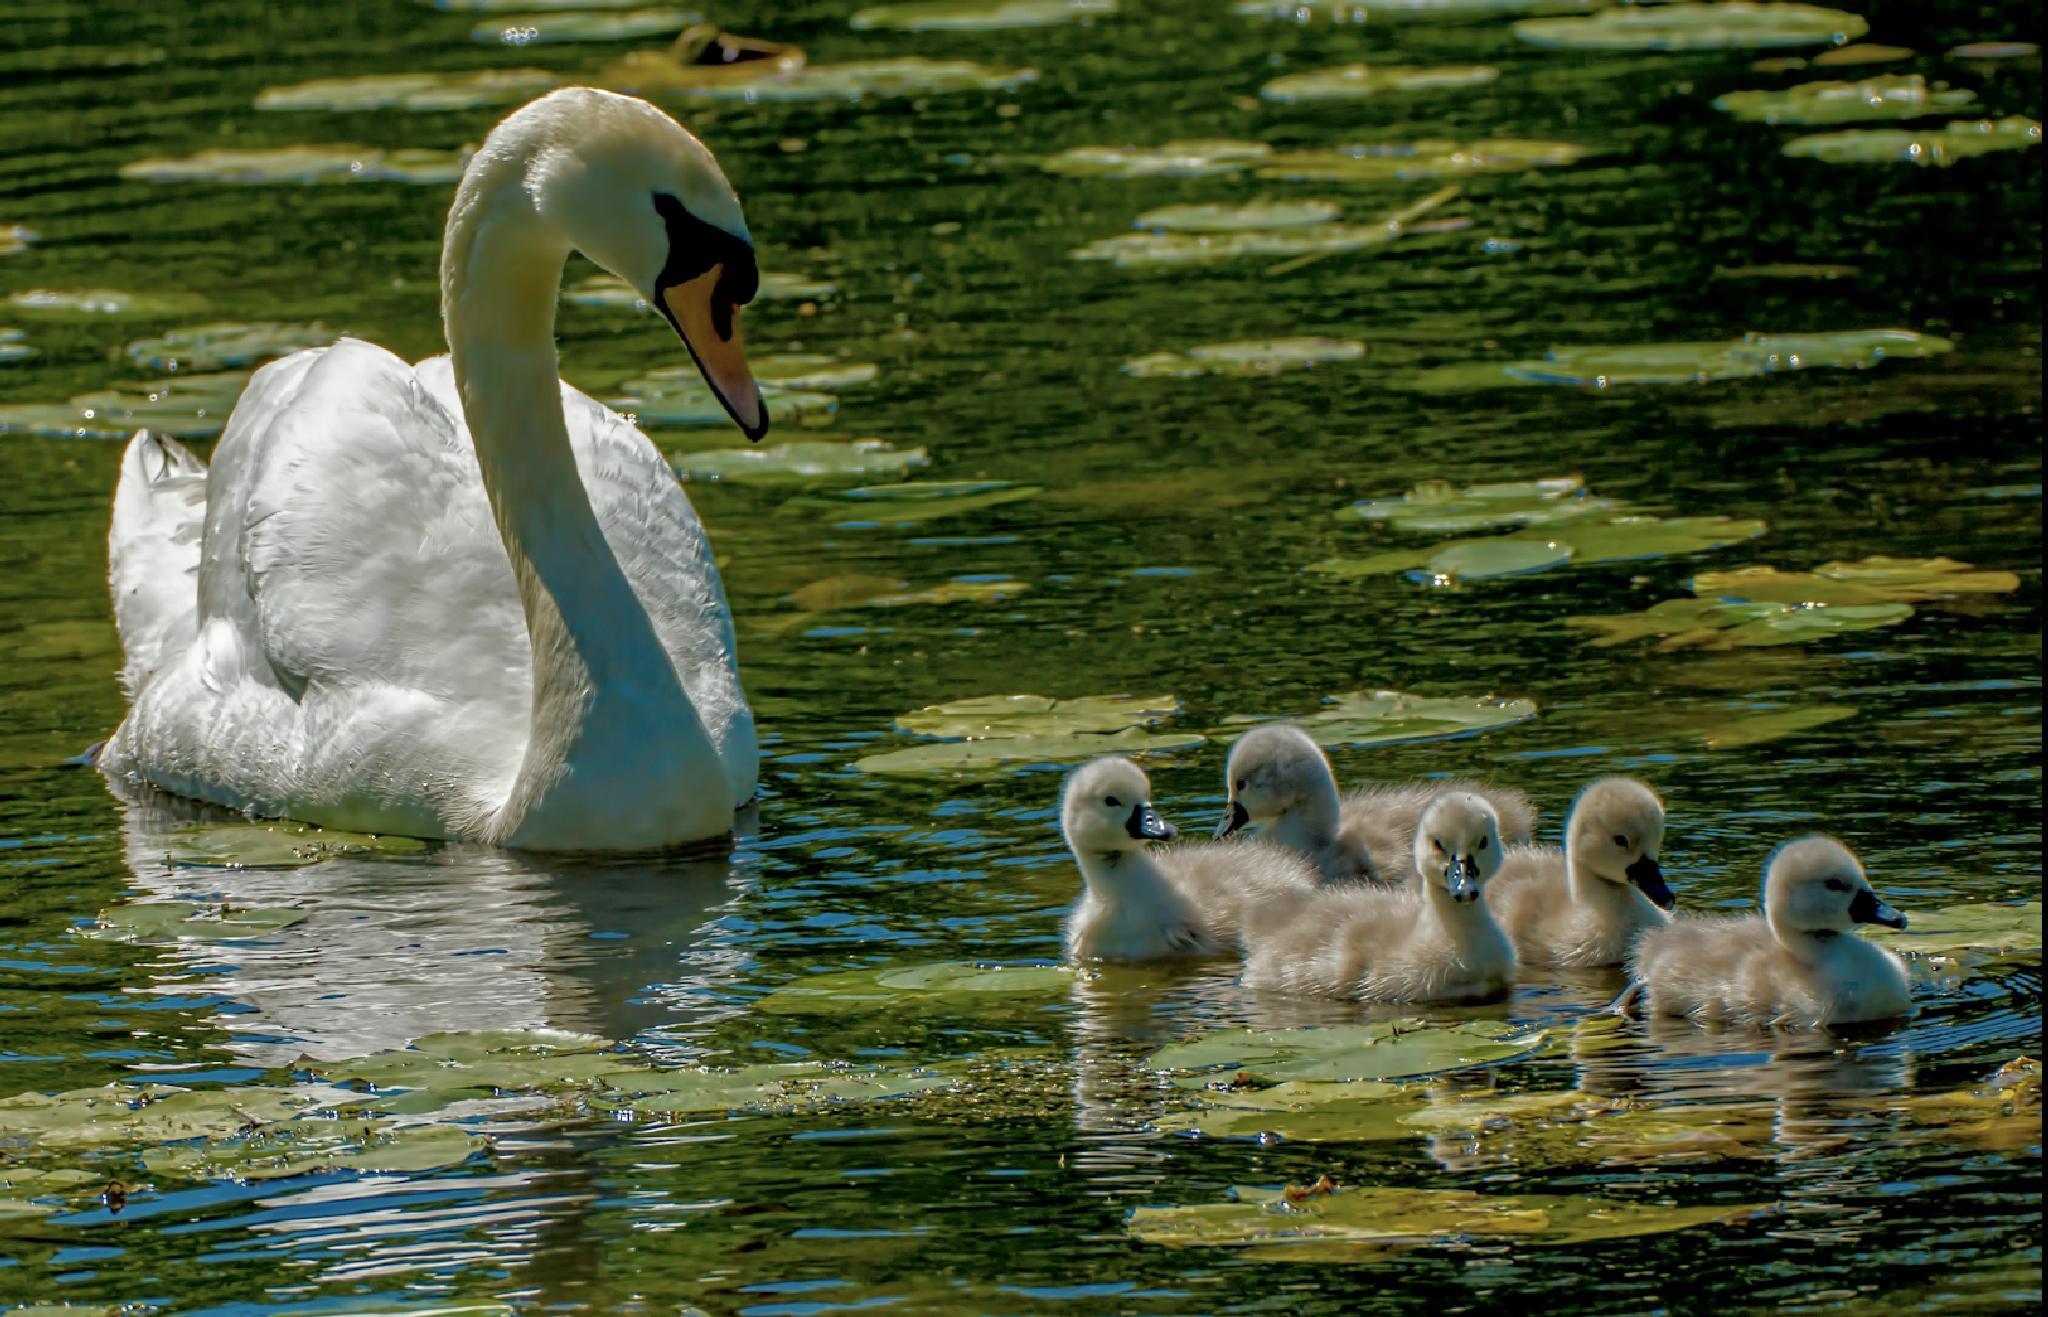 Swan Lake by daviddukesell